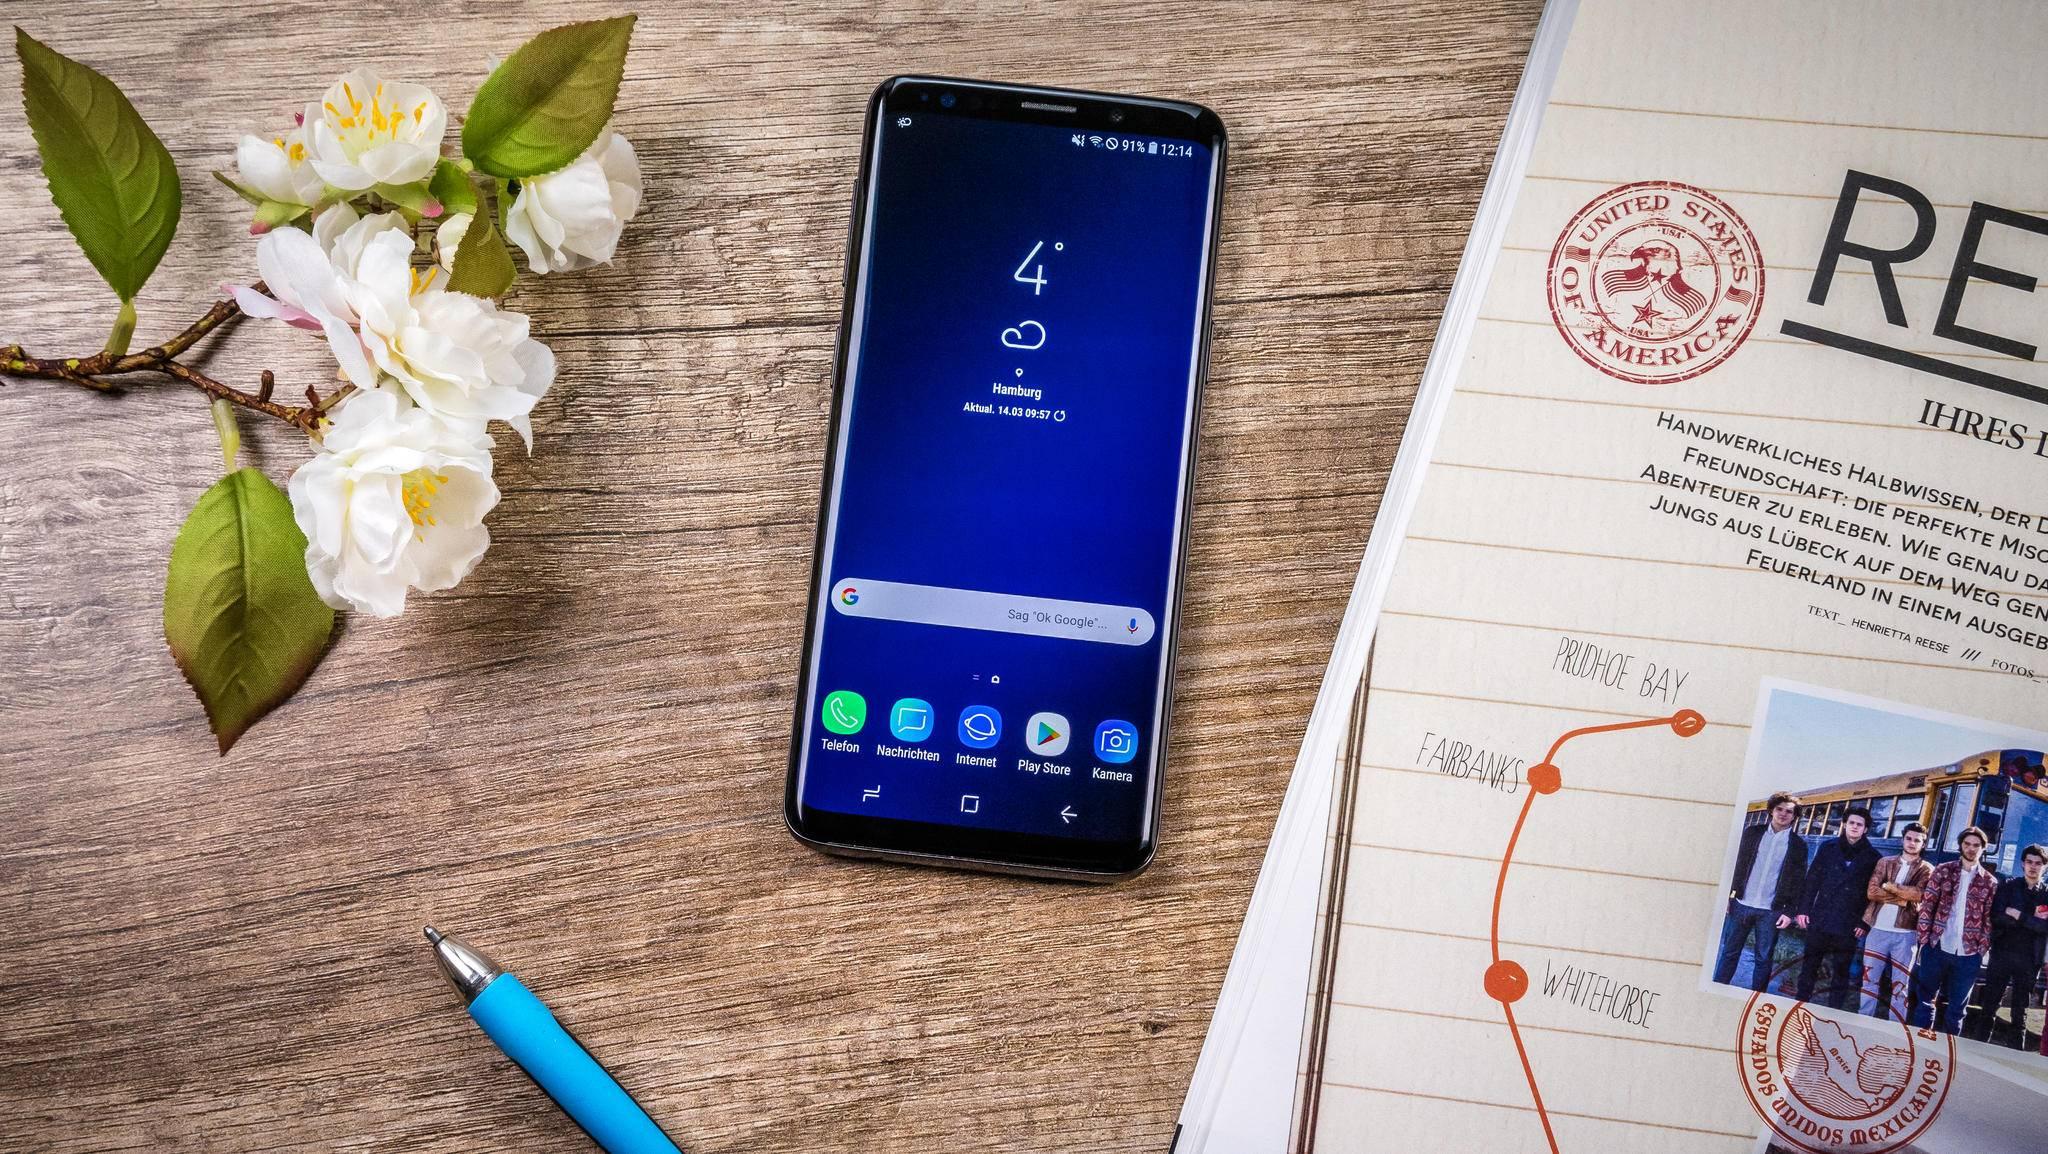 Gänzlich randlos ist das Display des Galaxy S9 nicht wirklich.